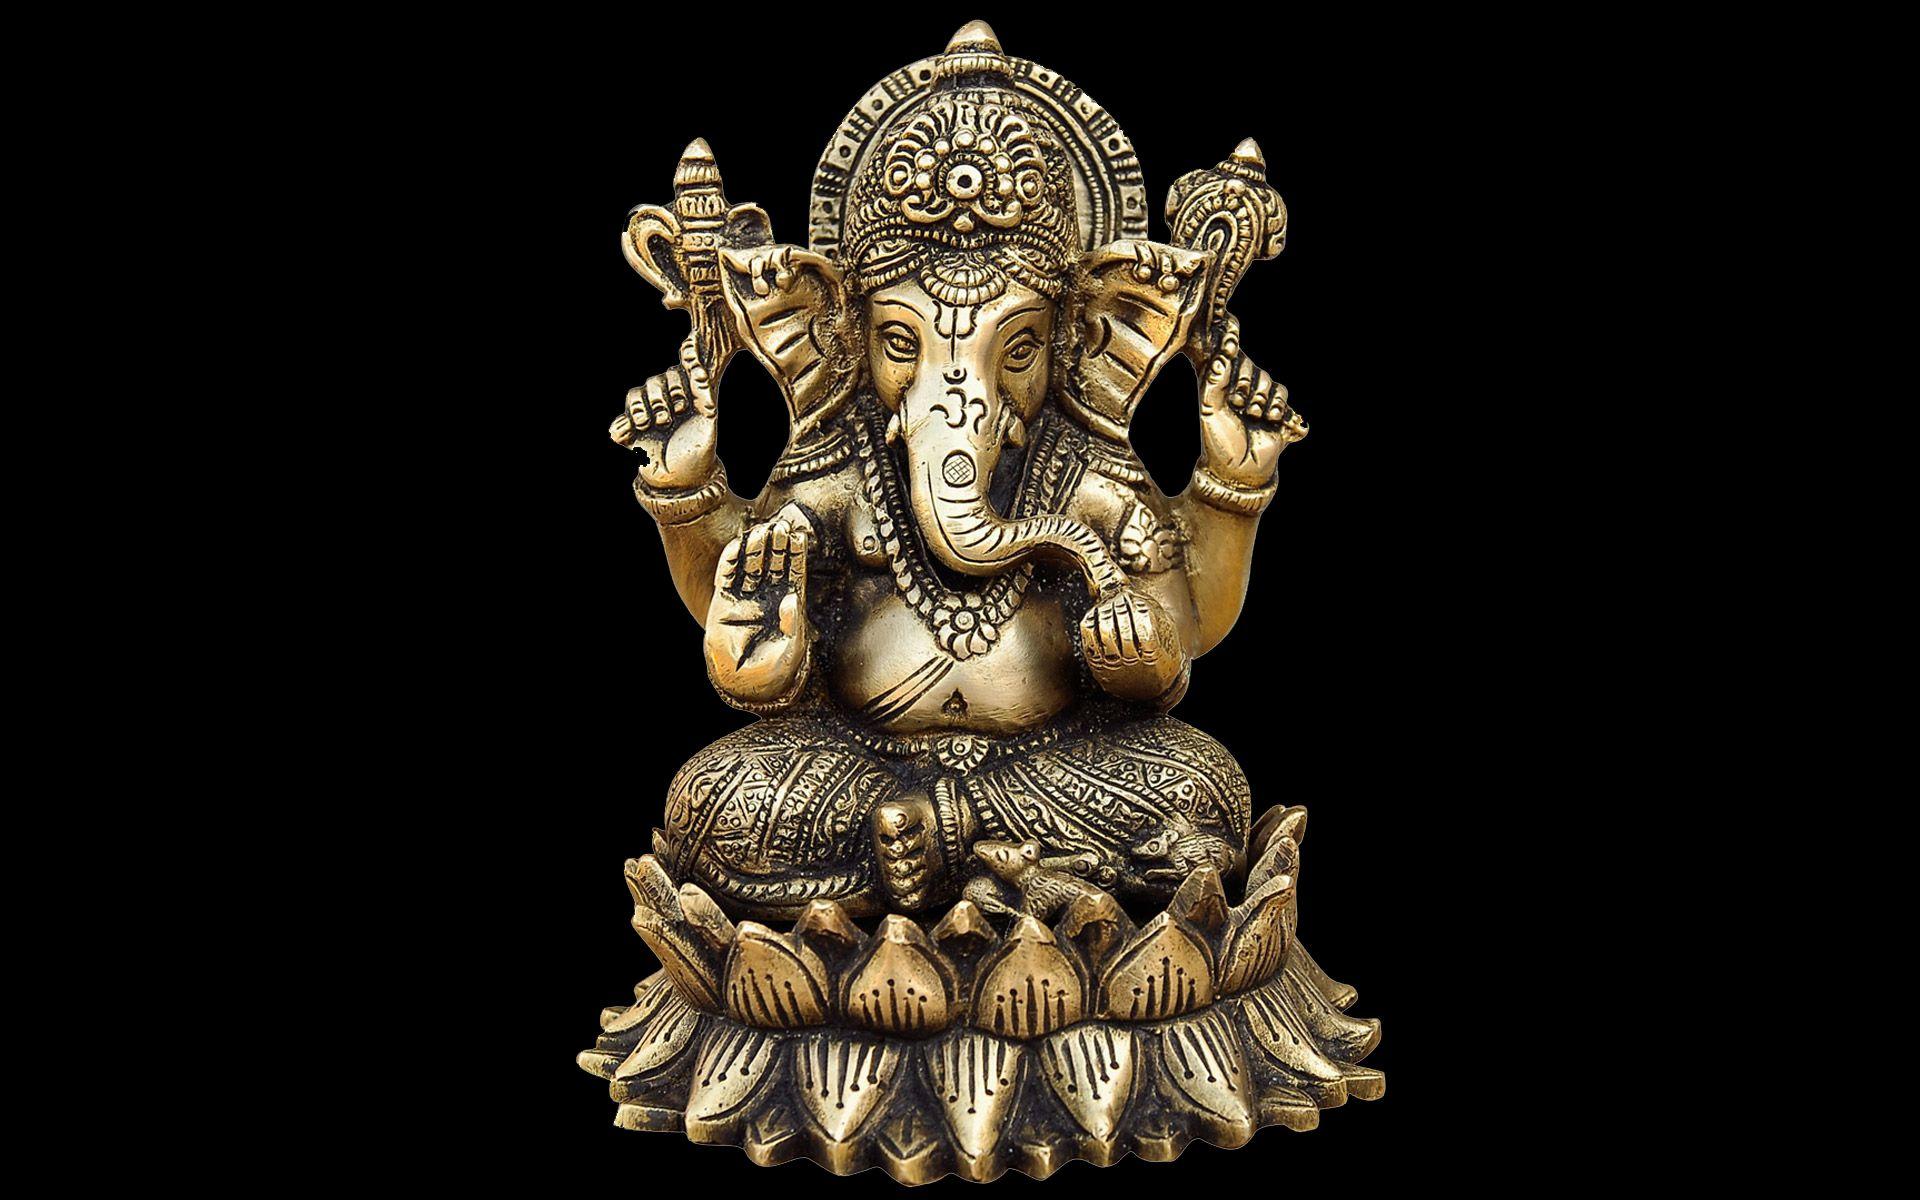 Hd wallpaper vinayagar - Amazing New Art Of Lord Ganesha Hd Wallpaper